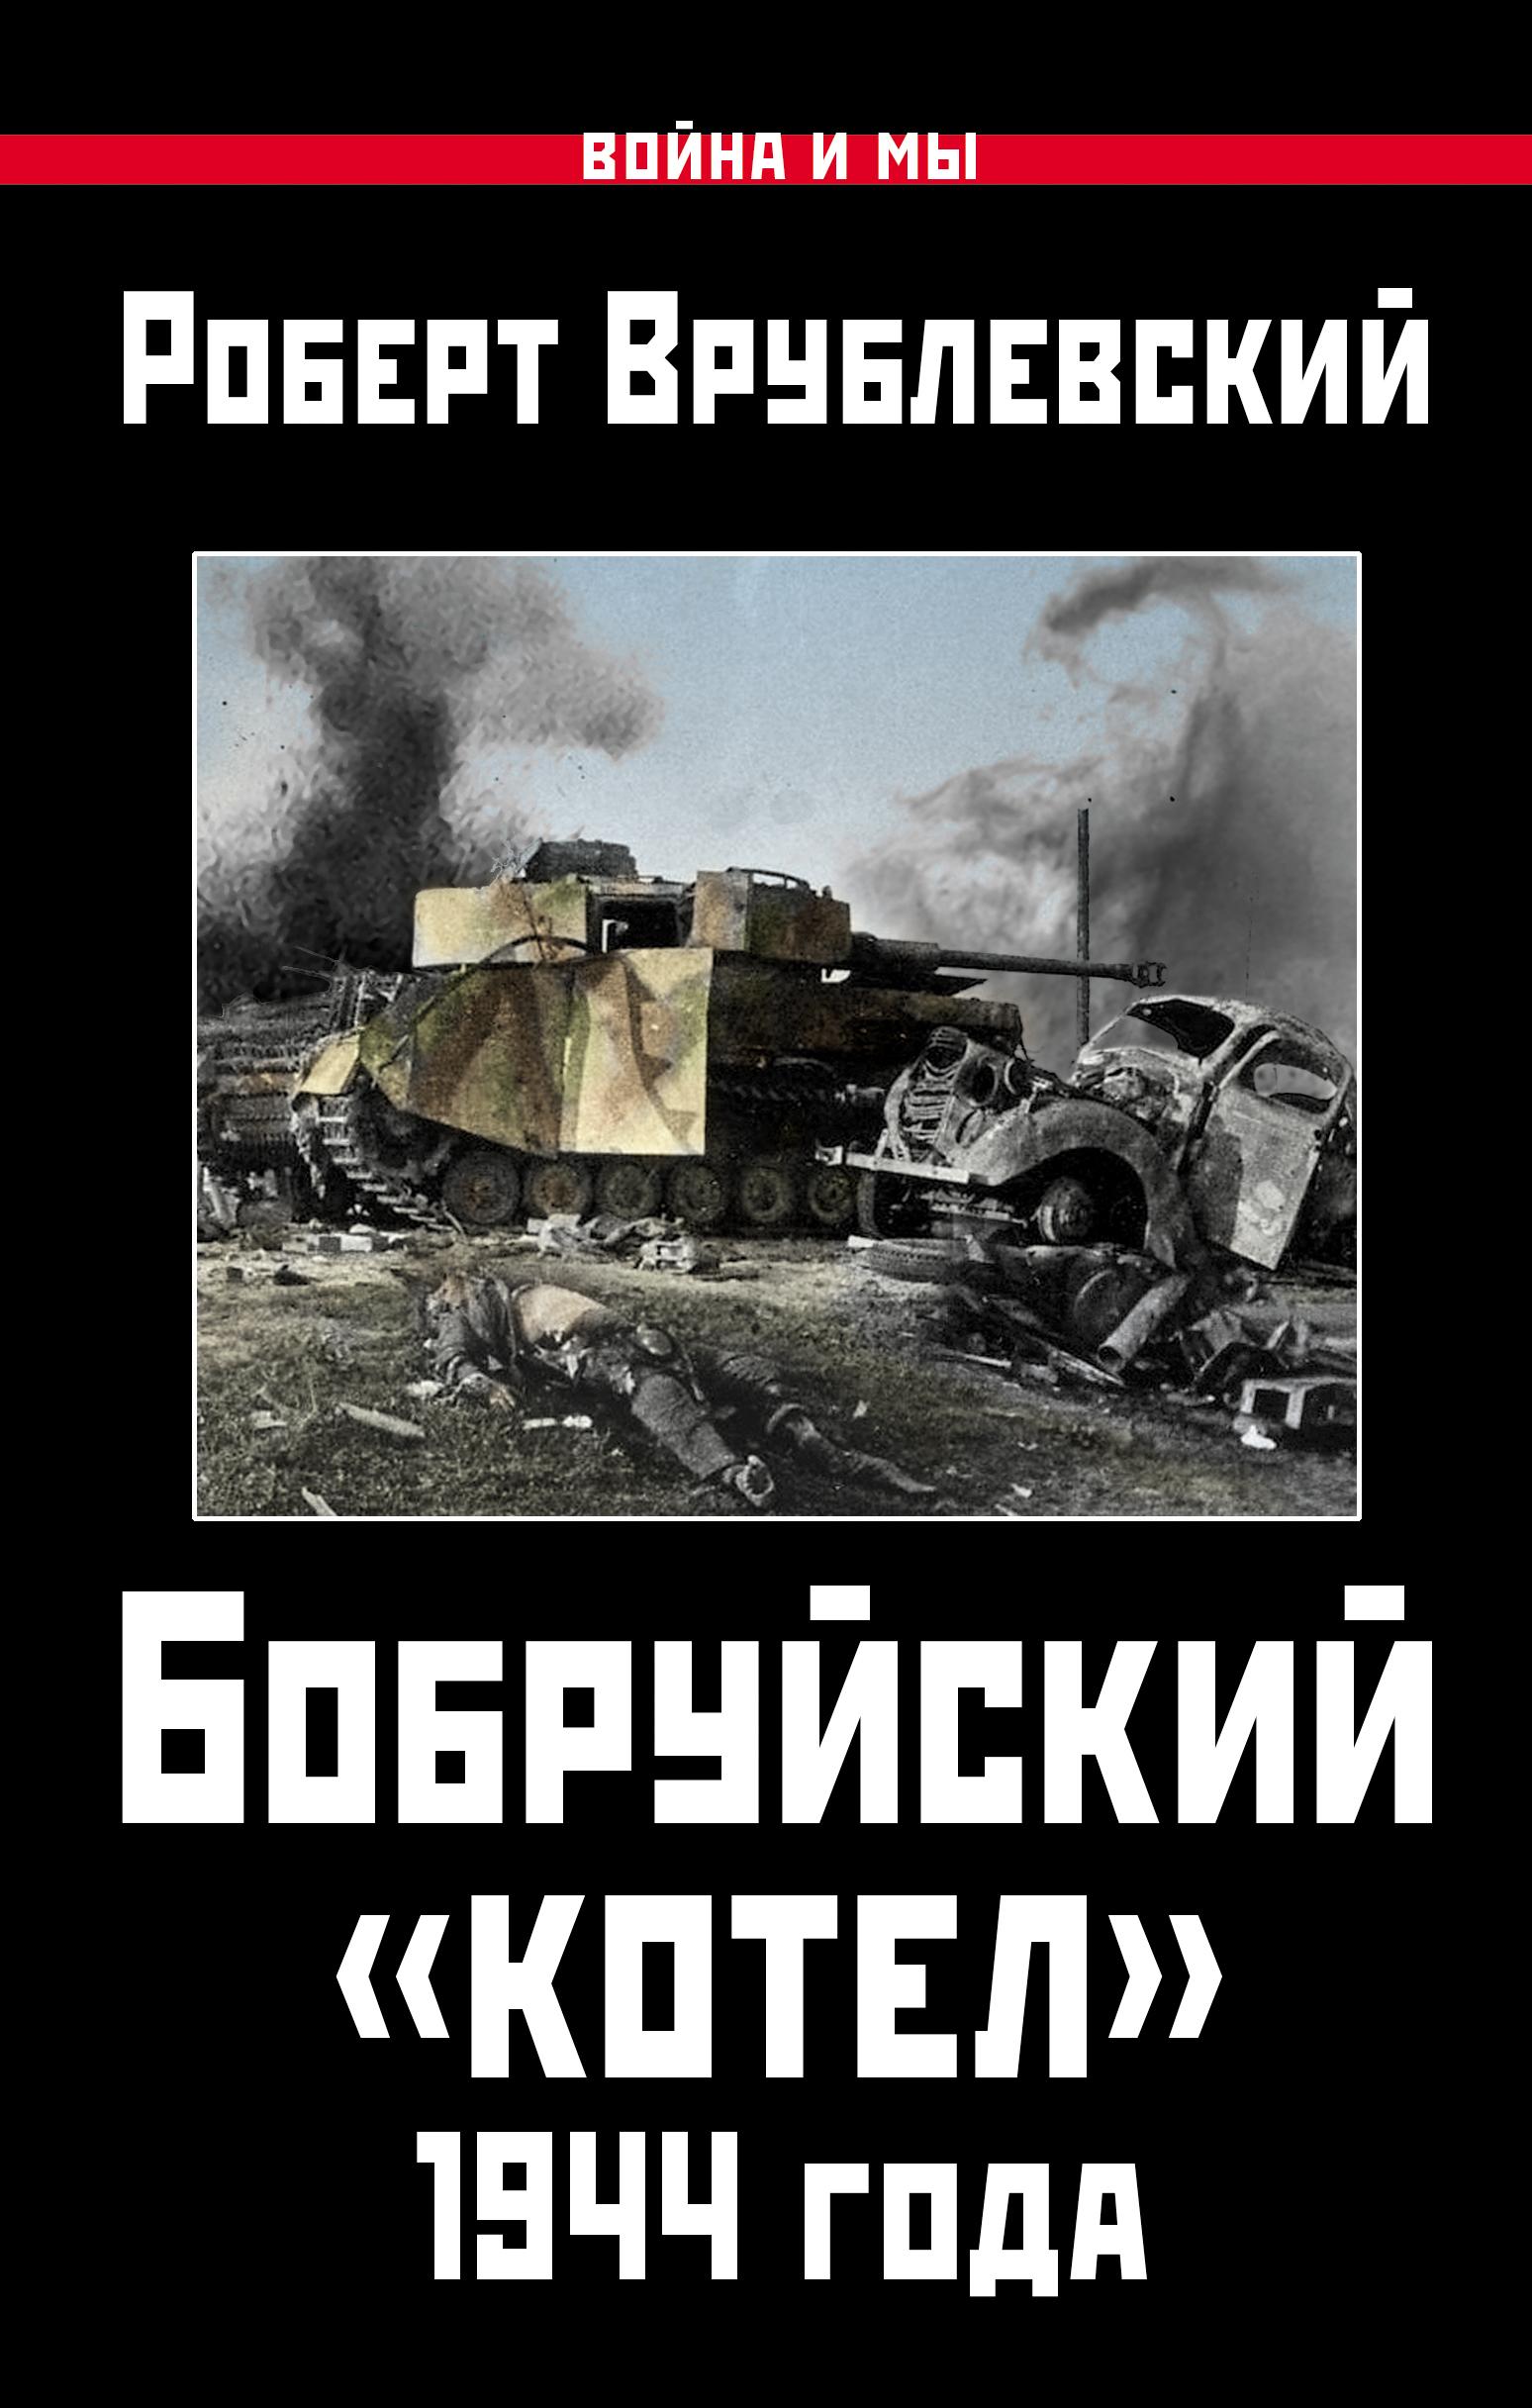 Бобруйский «котел» 1944 года